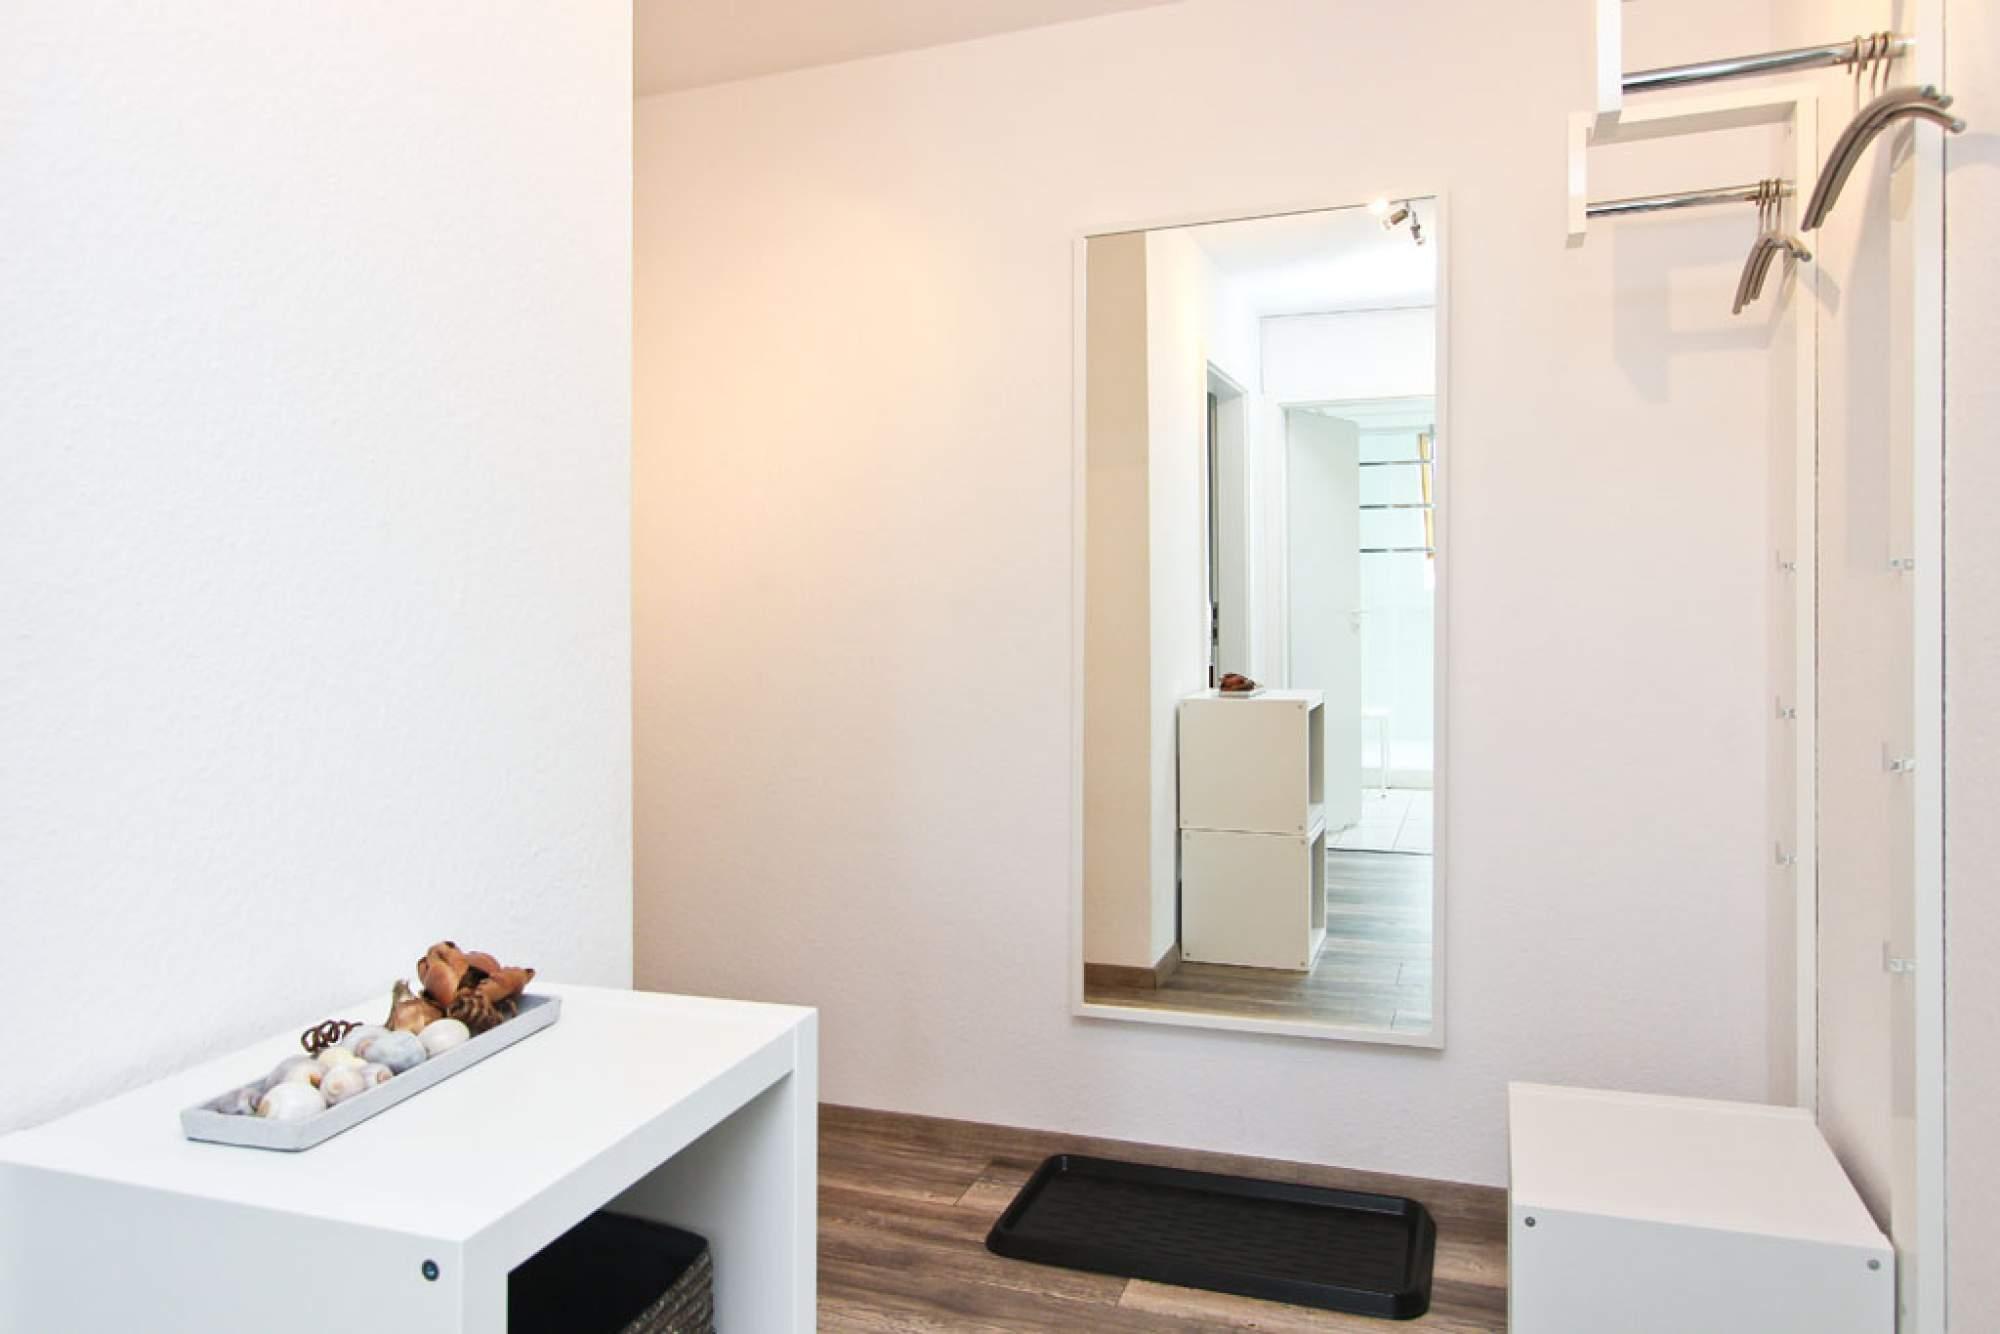 die wohnung tymmendroper t rmchen. Black Bedroom Furniture Sets. Home Design Ideas